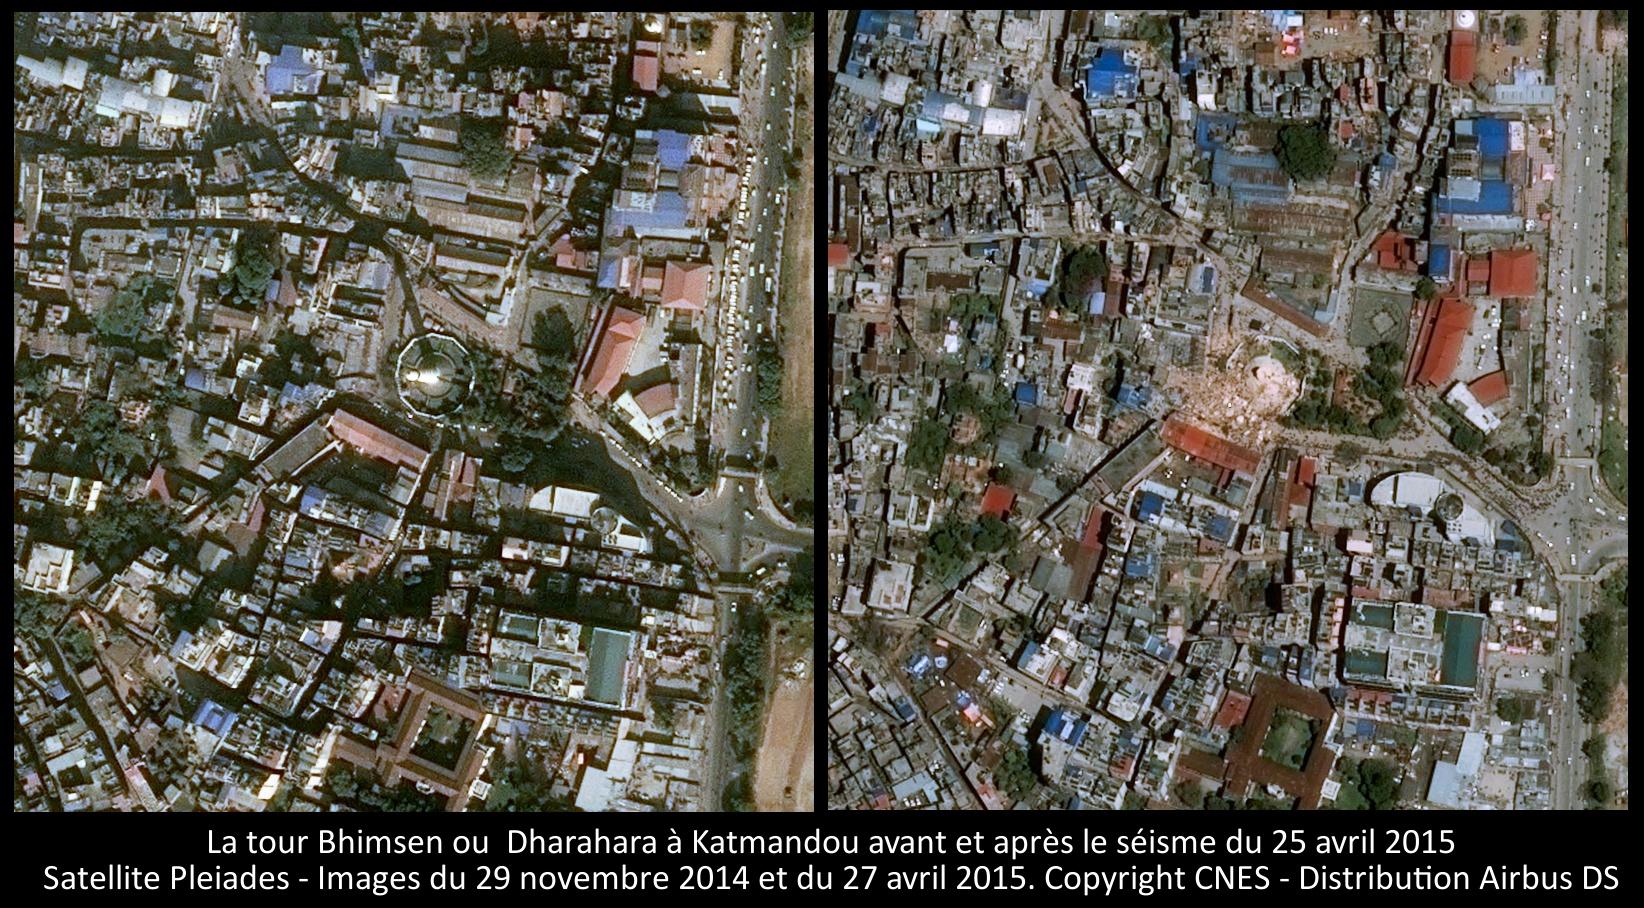 La tour Bhimsen Dharahara à Katmandou - Images du satellite Pleiades prises avant et après le séisme d'avril 2015 - CNES - Airbus DS